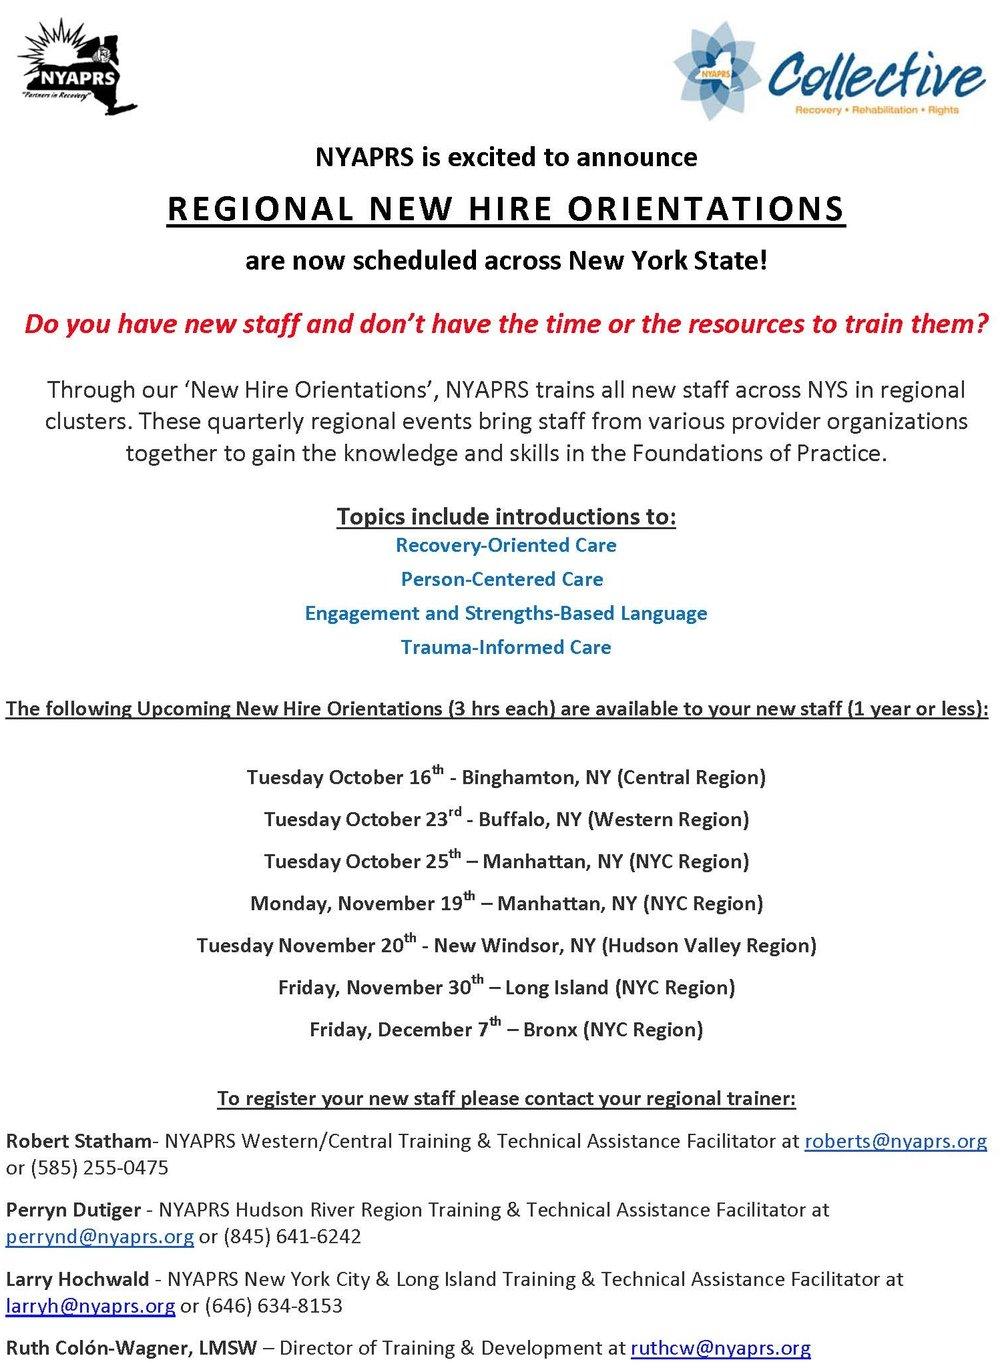 2018 New Hire Orientation Email Blast-Flyer.jpg